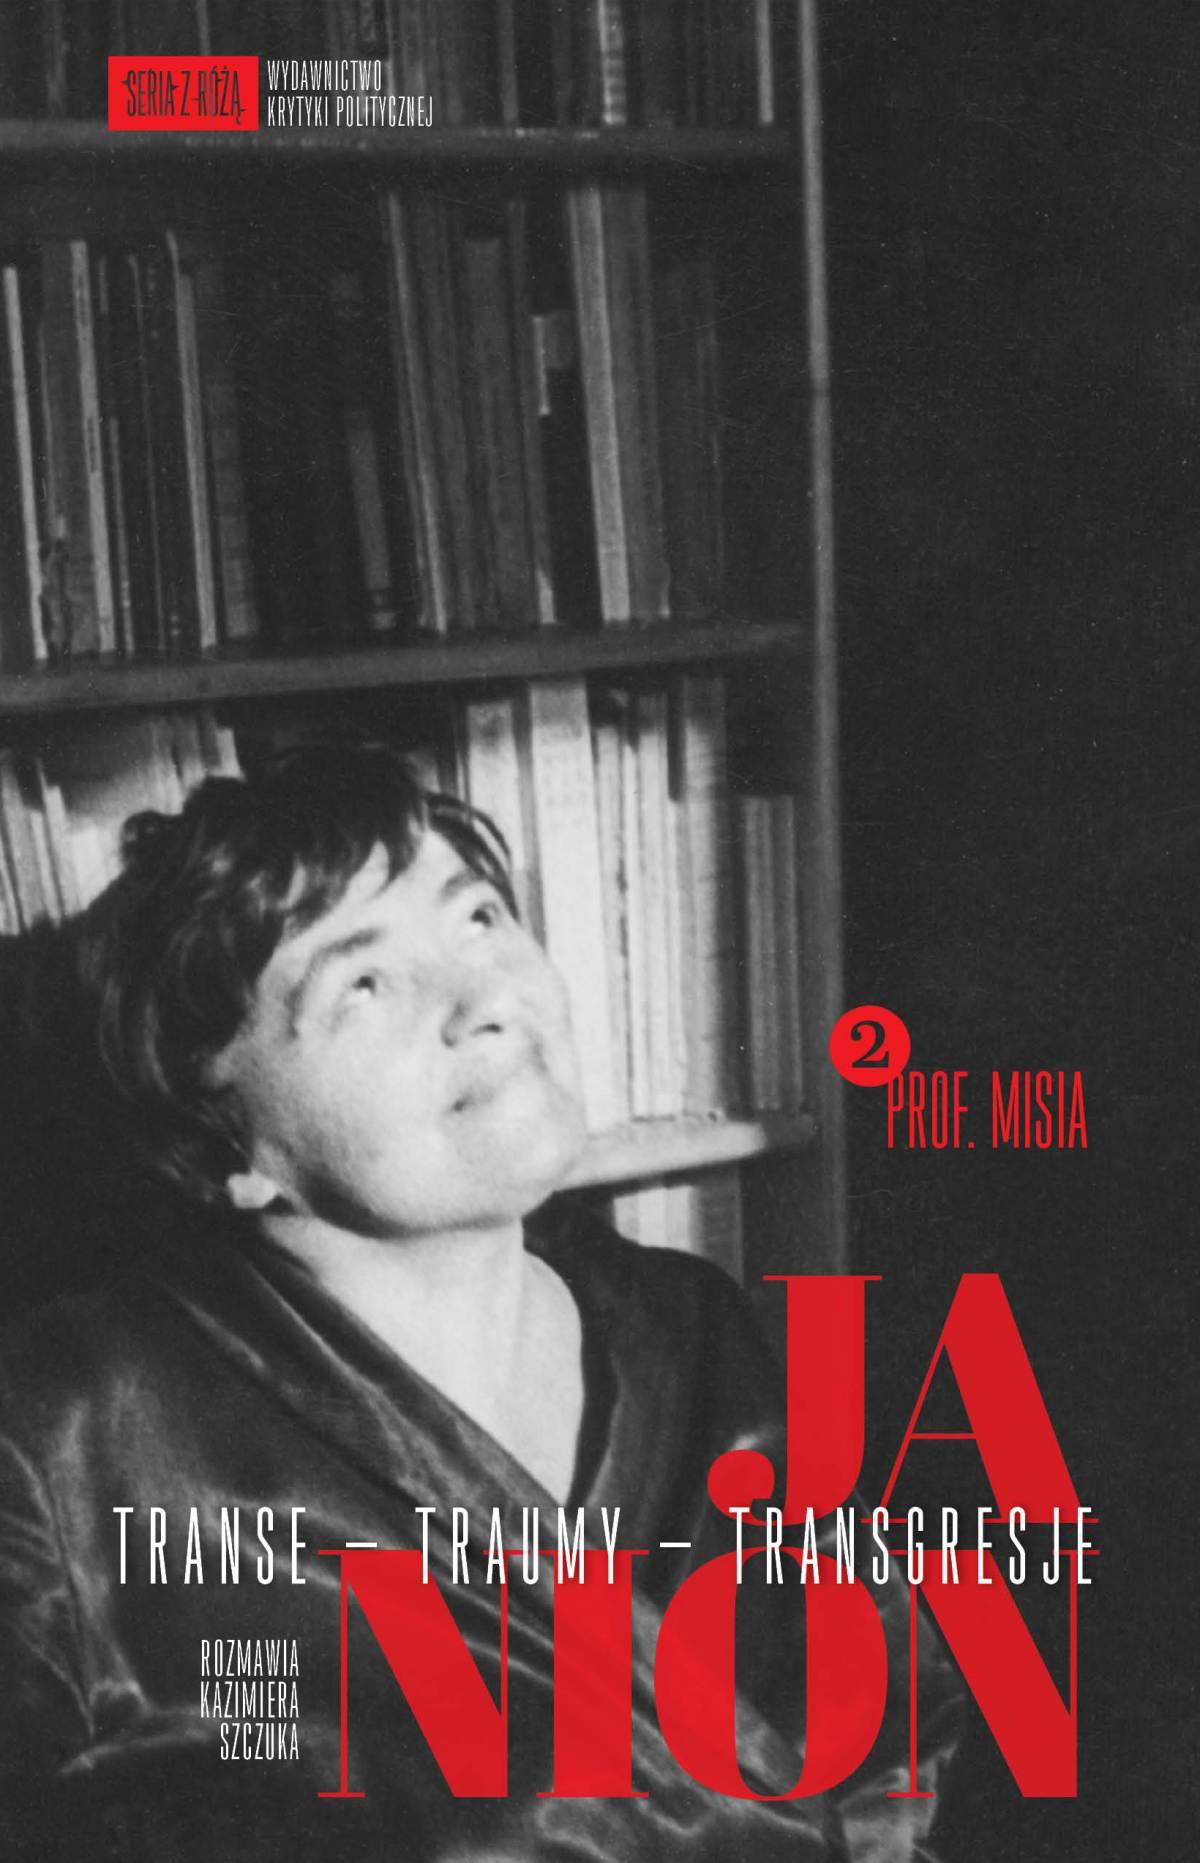 Janion. Transe - traumy - transgresje. 2: Prof. Misia - Ebook (Książka EPUB) do pobrania w formacie EPUB